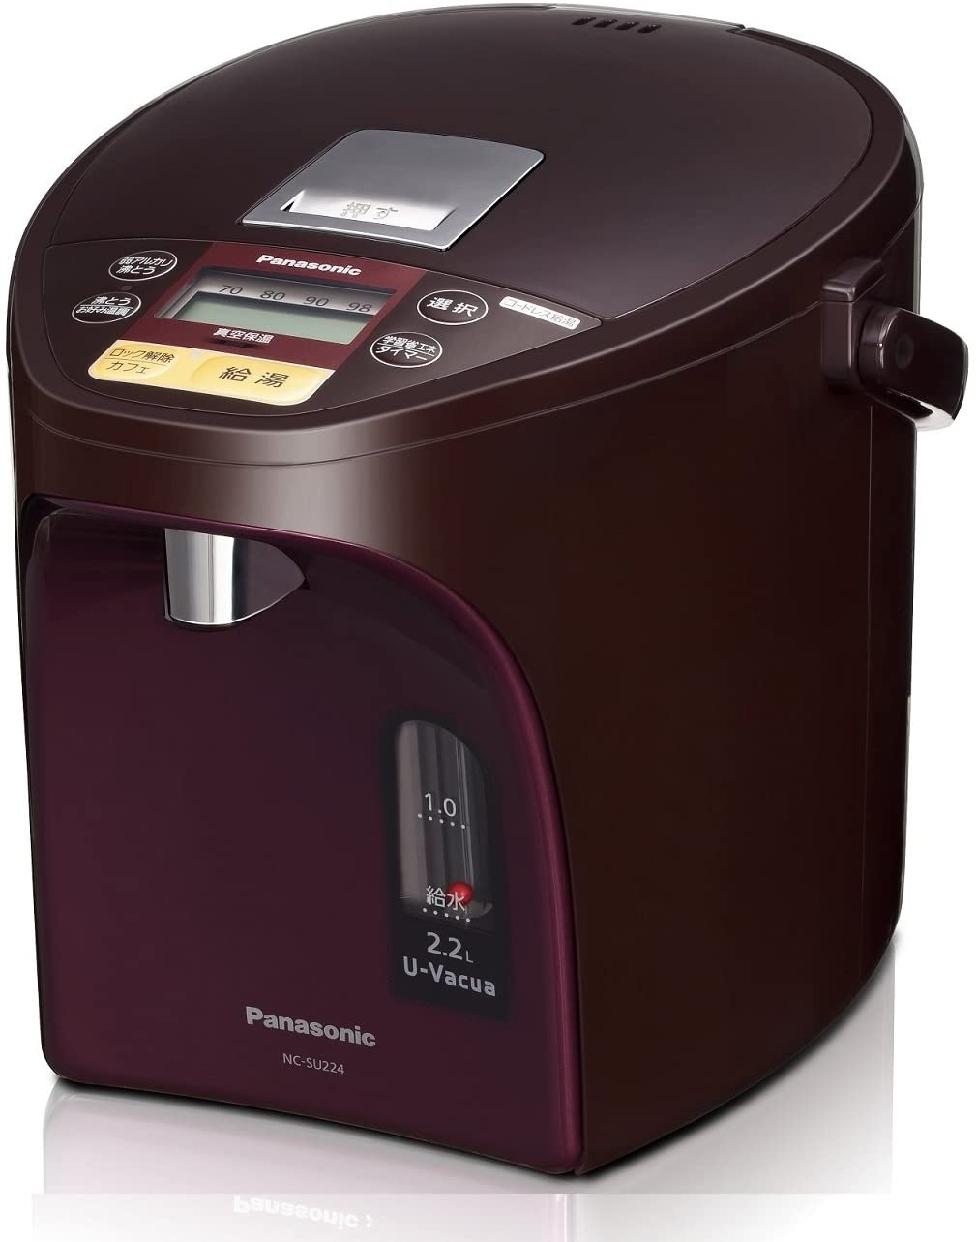 Panasonic(パナソニック)マイコン沸騰ジャーポット(ブラウン)NC-SU224-Tの商品画像